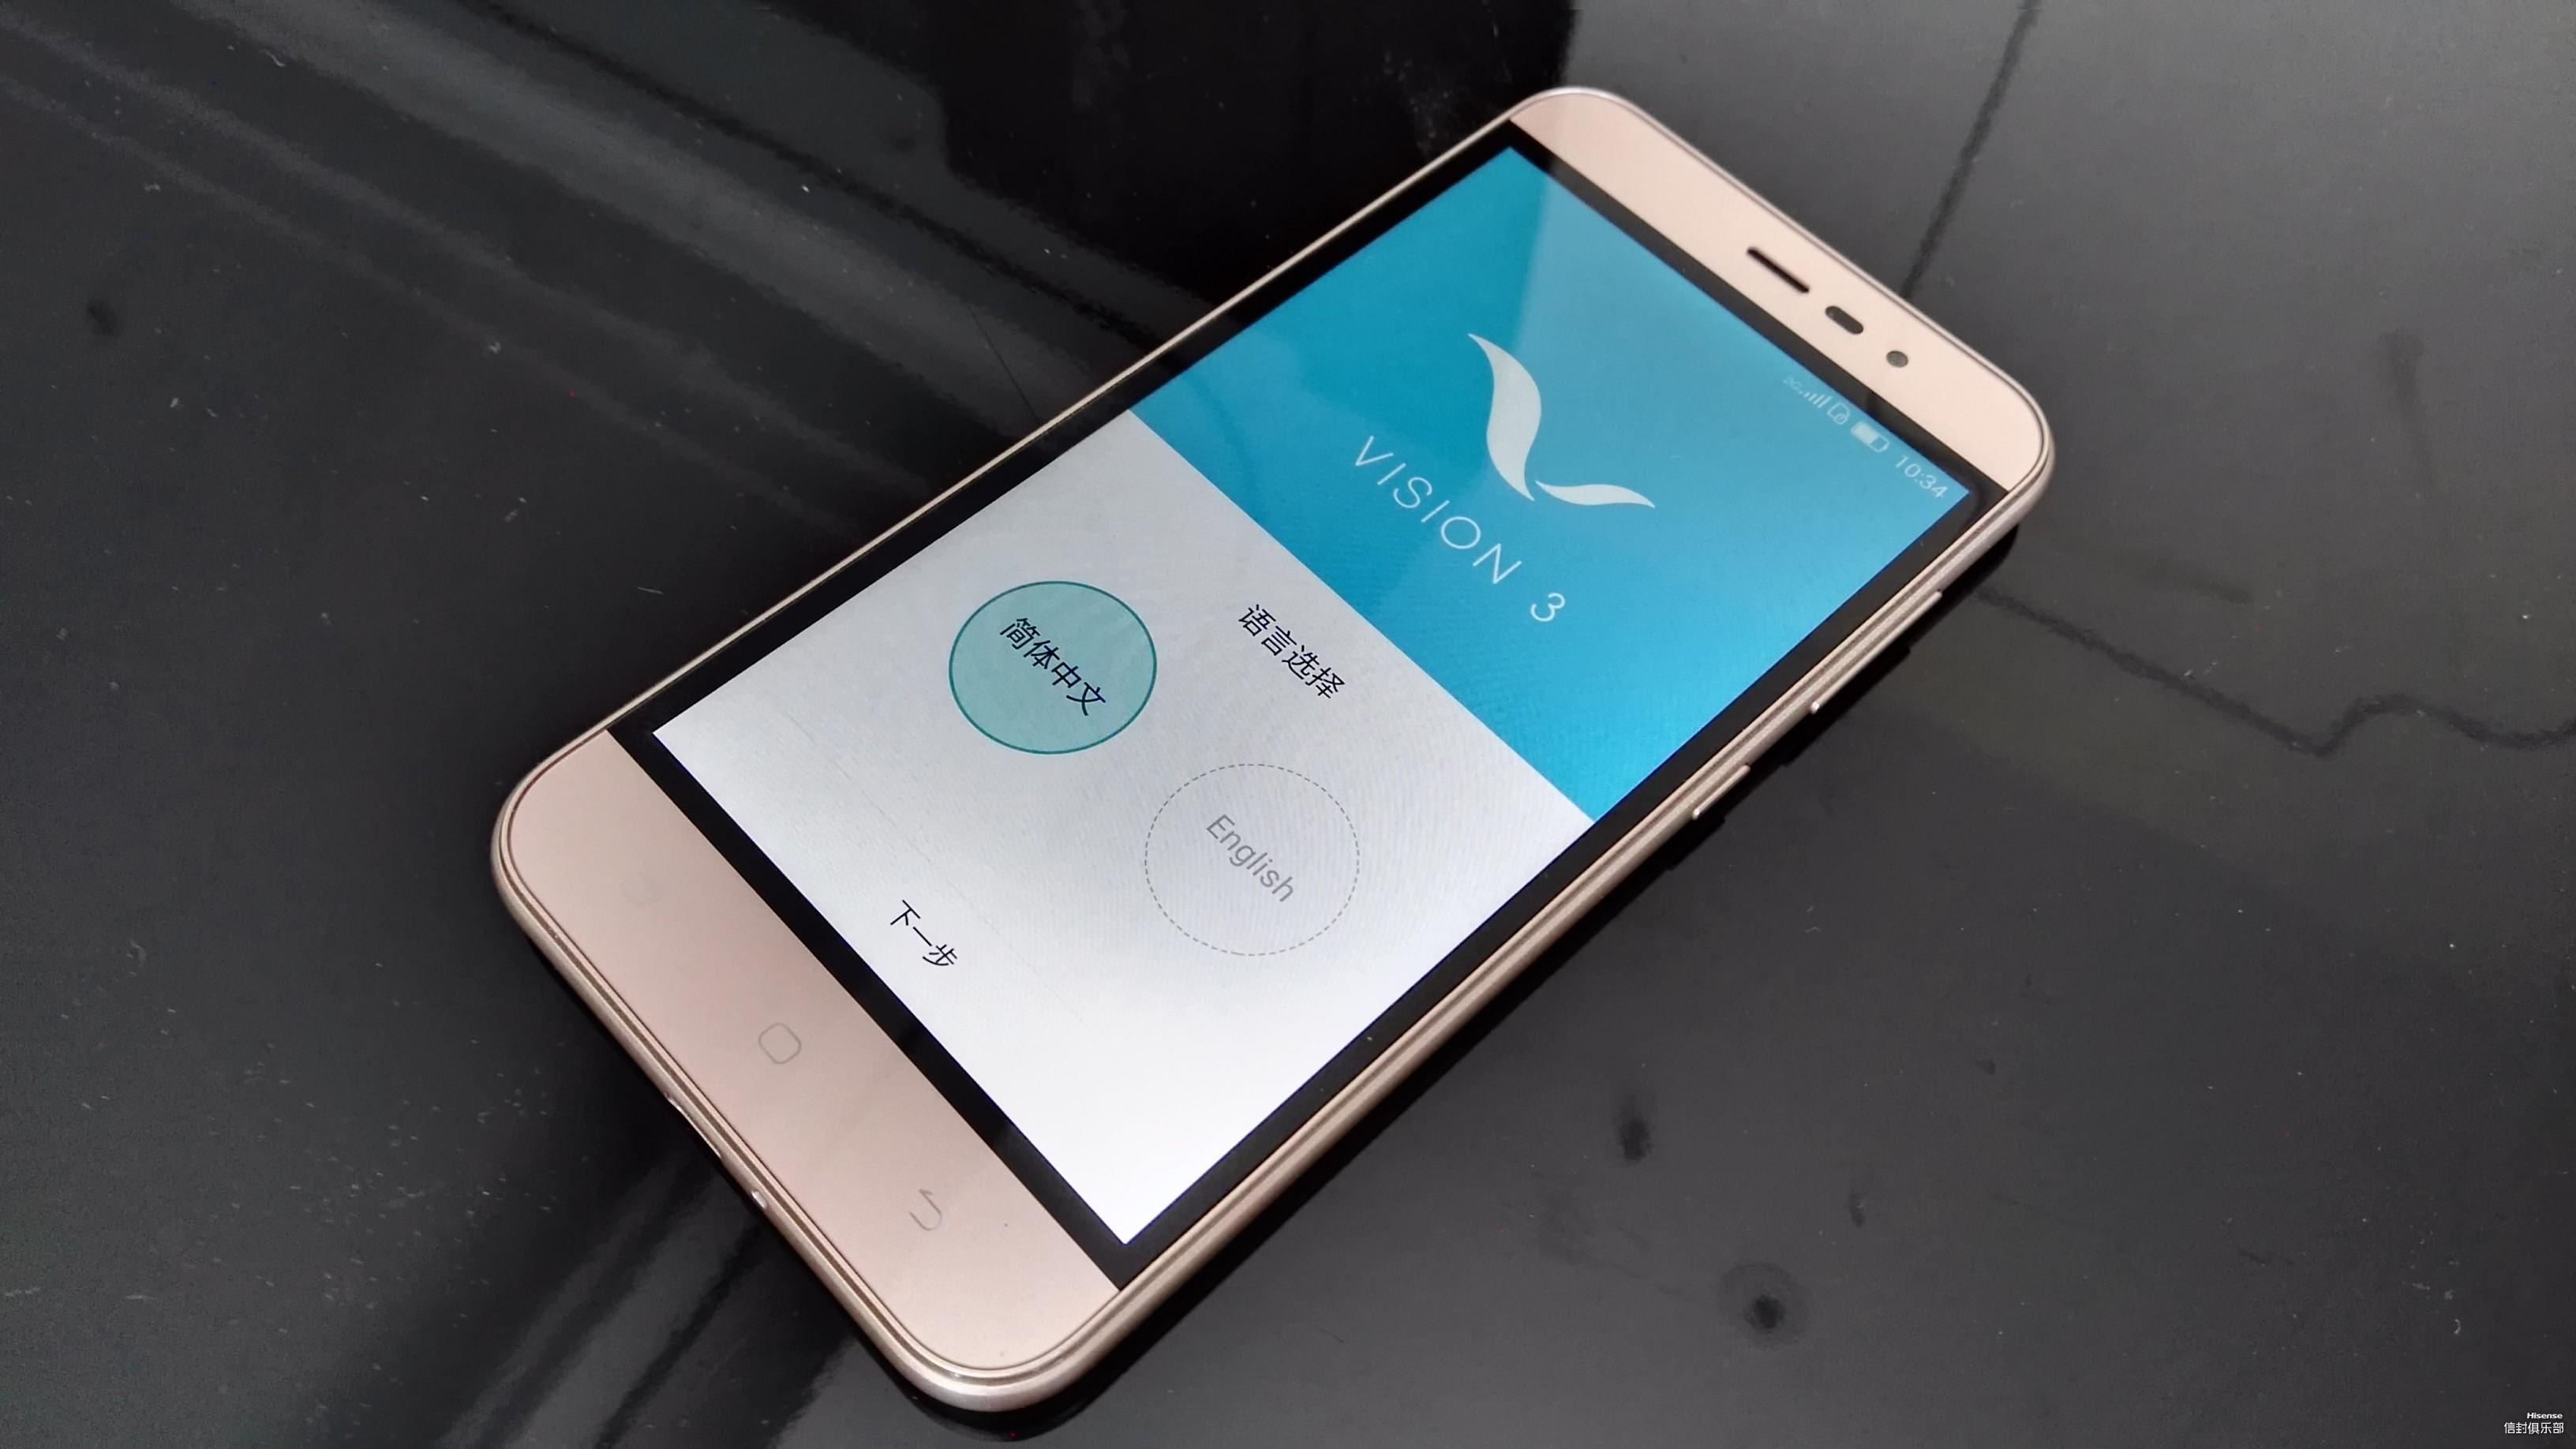 最近手机新闻越来越多,产品越出越新,功能越来越丰富,竞争越来越激烈,千元机的市场产品型号也有很多种的选择,基本千元机都是主打性价比,最来海信出迎来了全新的手机一款金属指纹手机F3 Pro。该机售价1299元,在此之前笔者体验过海信的D2-M、金刚II,这是第三次体验海信手机,每次都不一样的感觉,那么这款新机到底如何,我们接着往下看吧!  如同镜面一般的手机屏  海信F3 Pro在配置方面搭载了高通MSM8937八核处理器,2GB+16GB内存,安卓6.